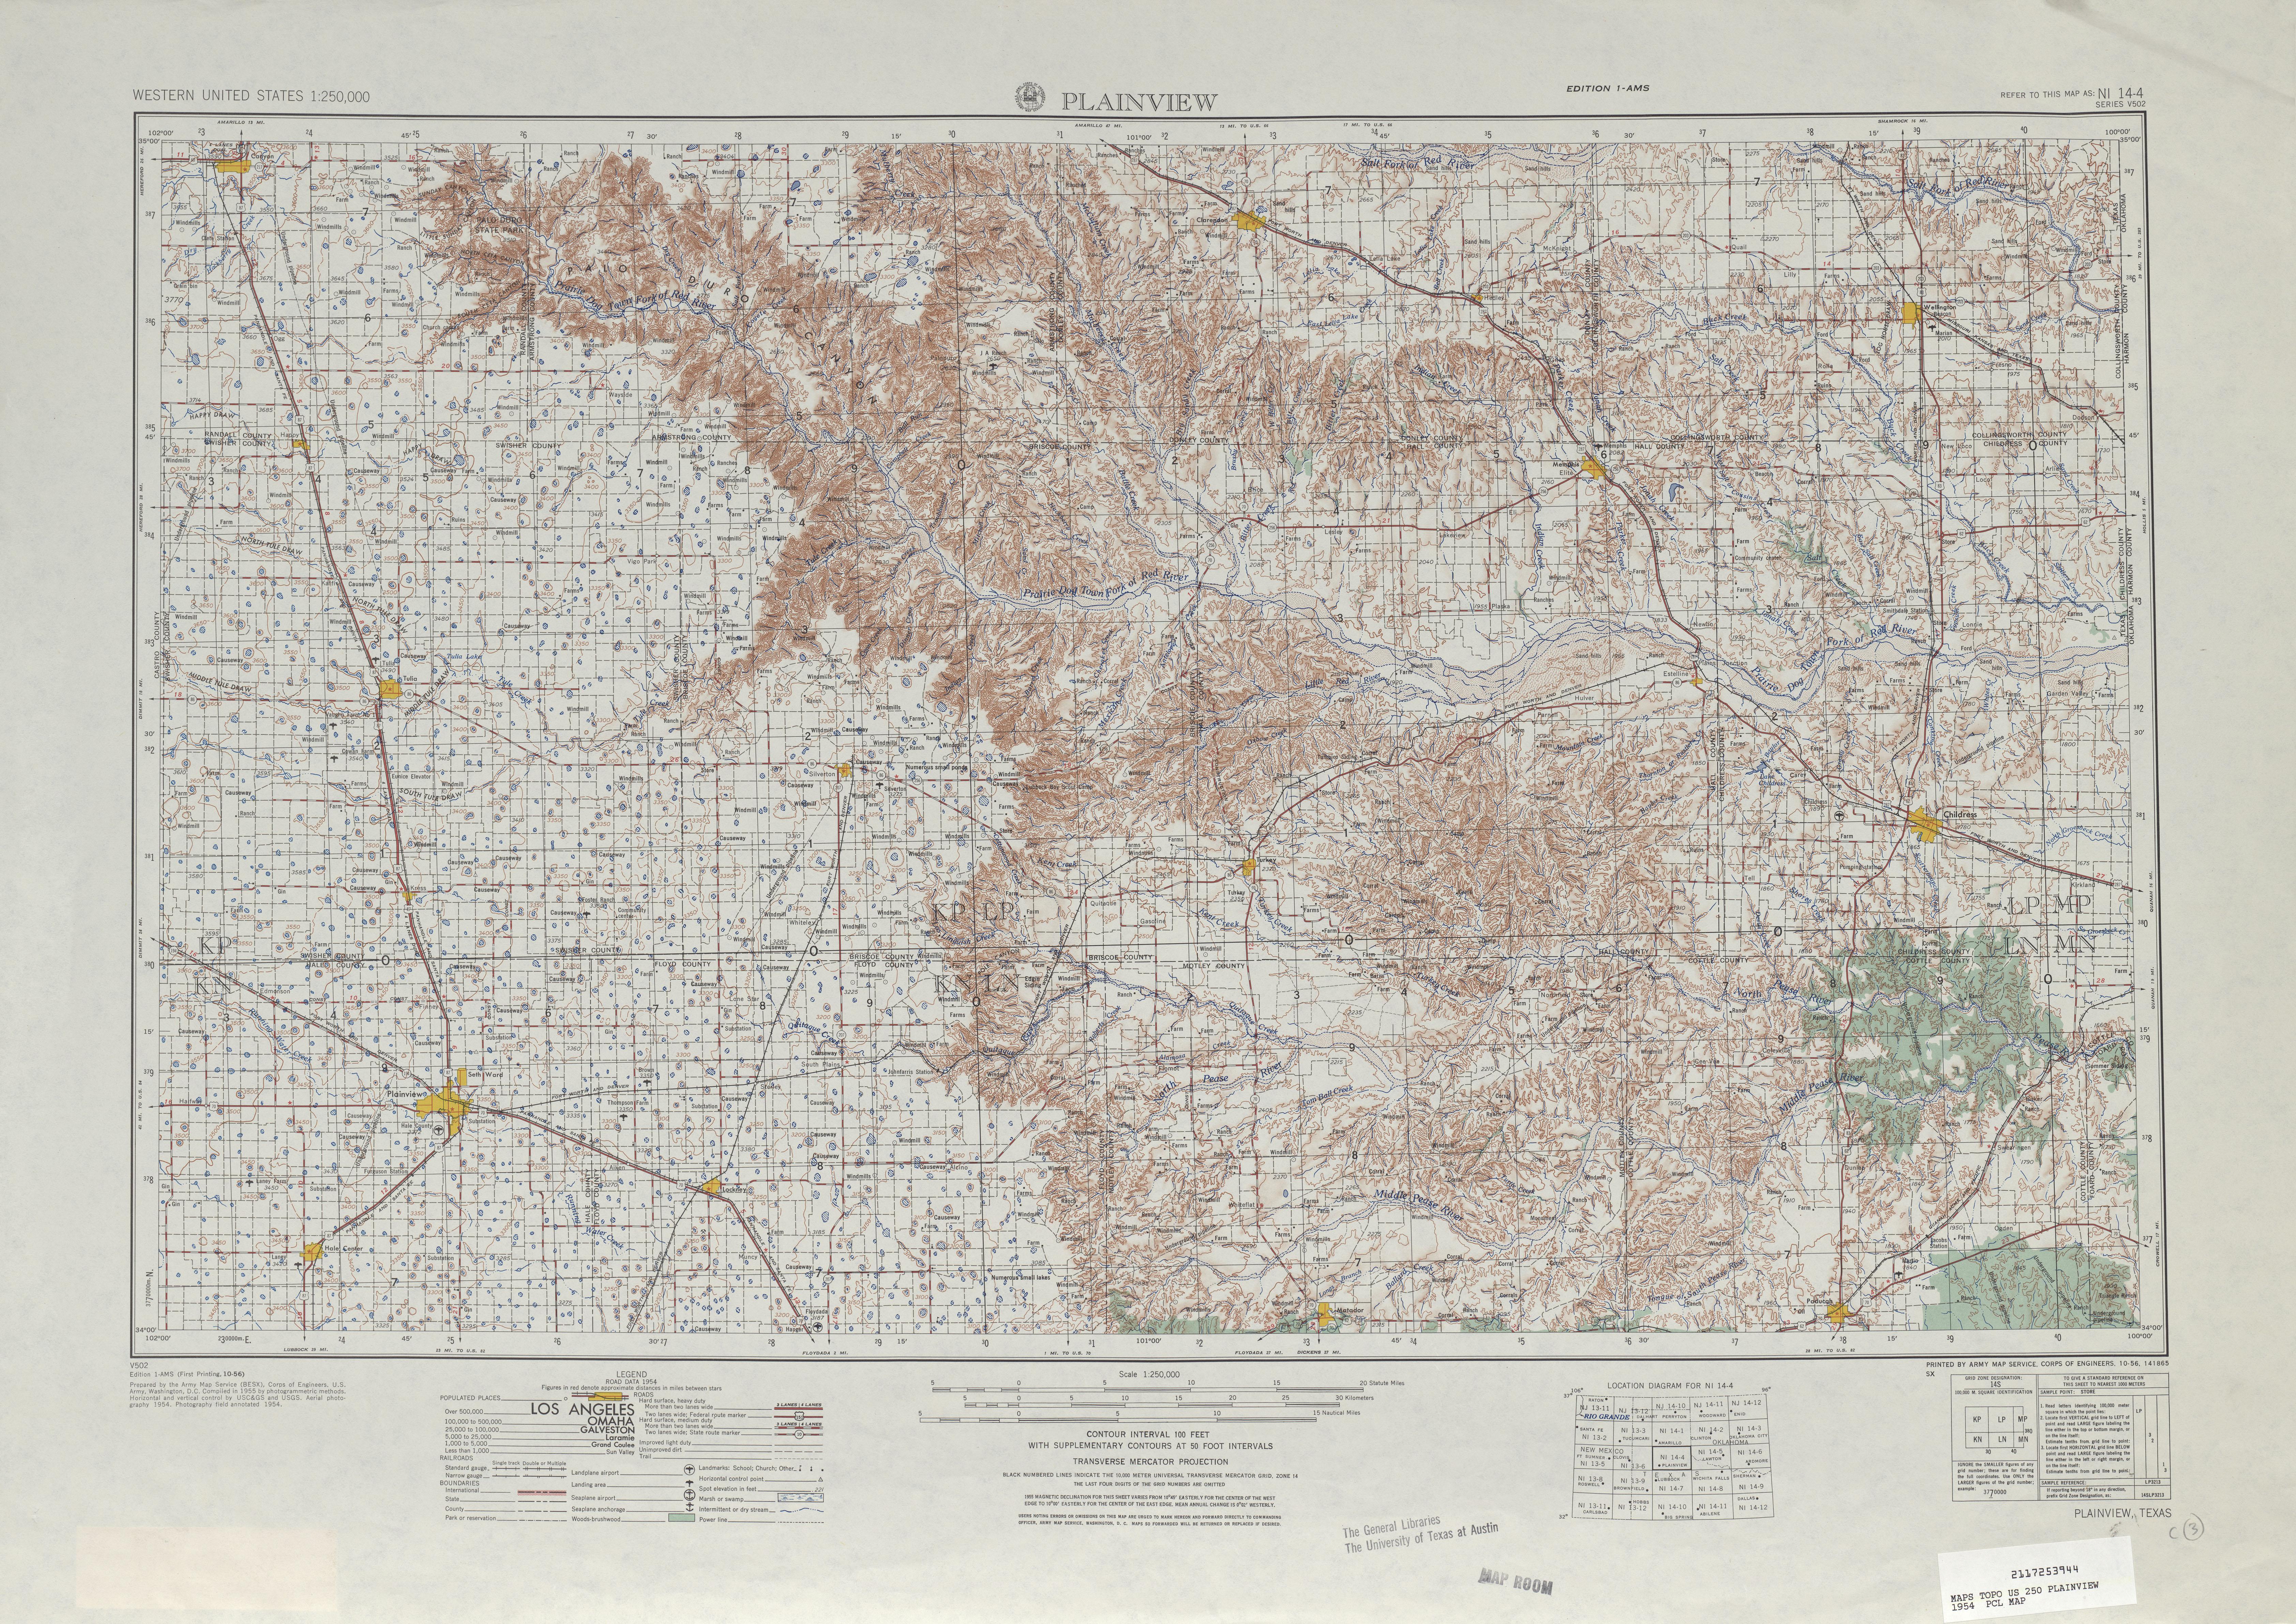 Hoja Plainview del Mapa Topográfico de los Estados Unidos 1954